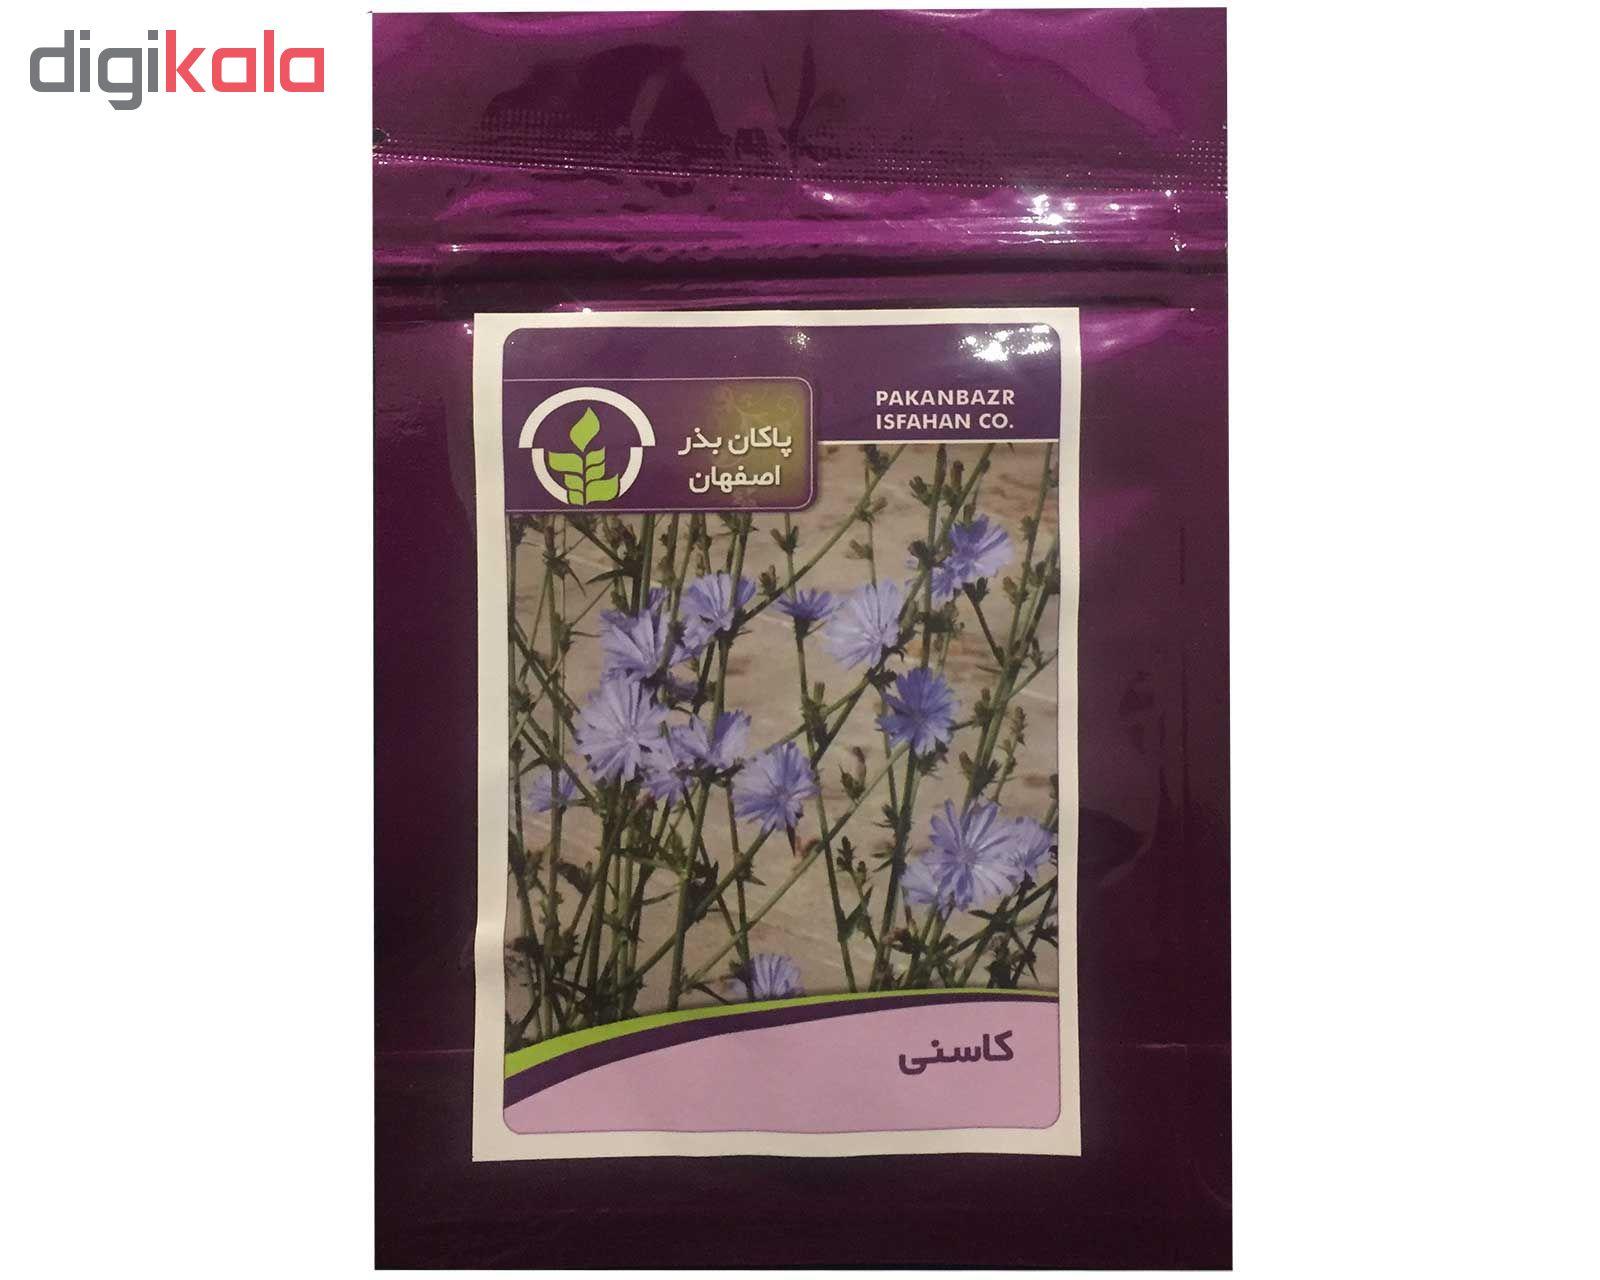 بذر کاسنی پاکان بذر اصفهان کد PBF-45